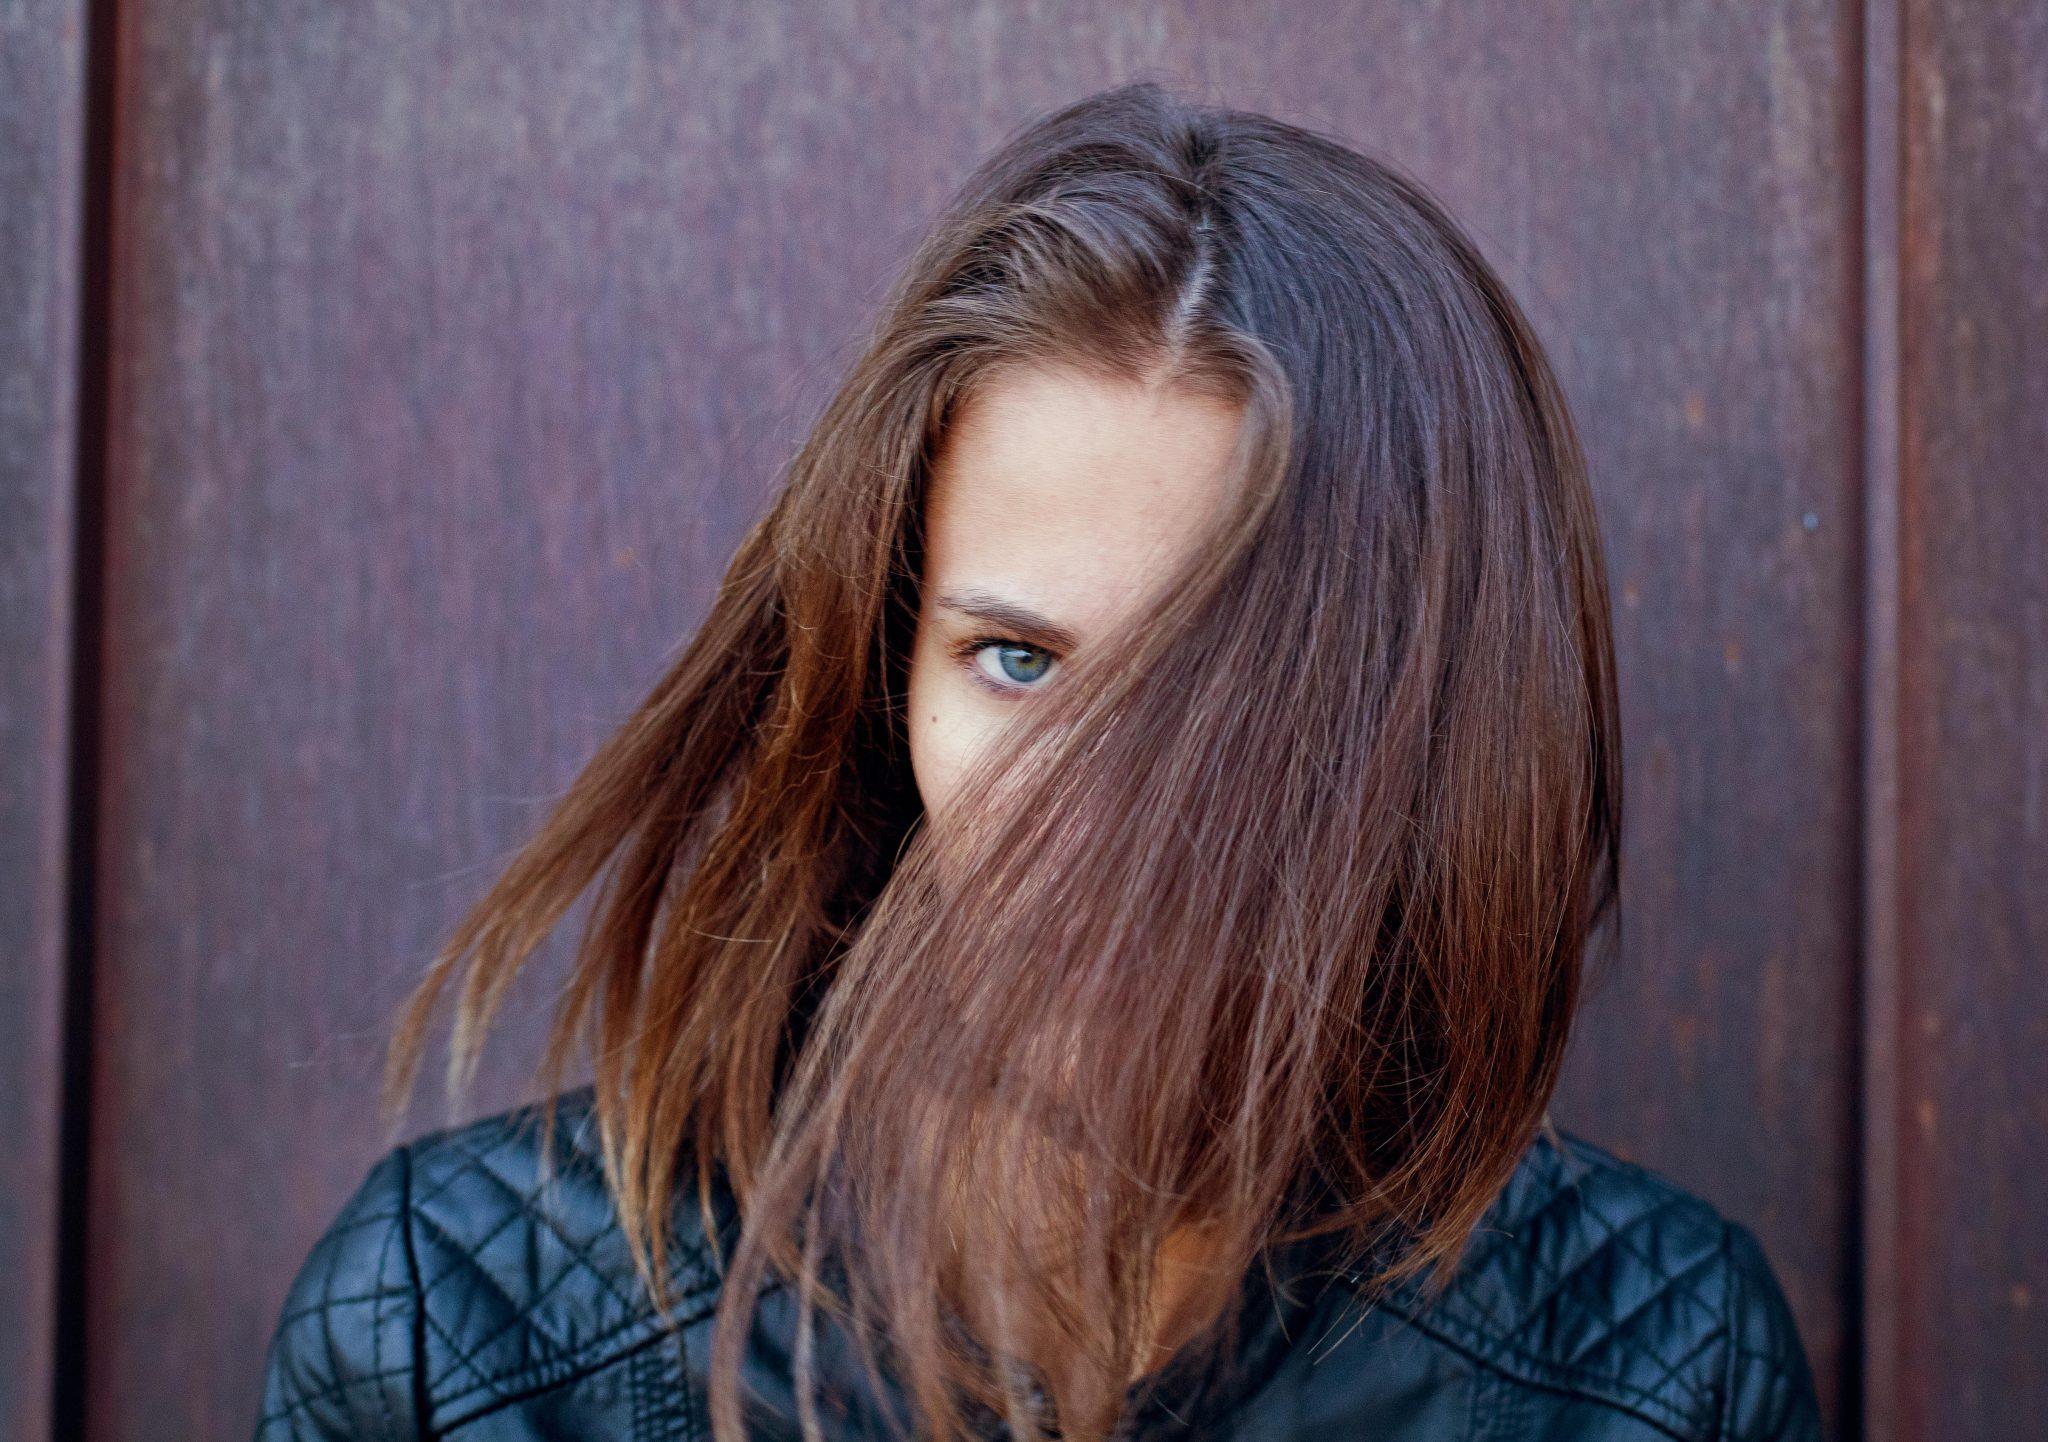 Evita S. - 02 - © Adriano Truscello photography